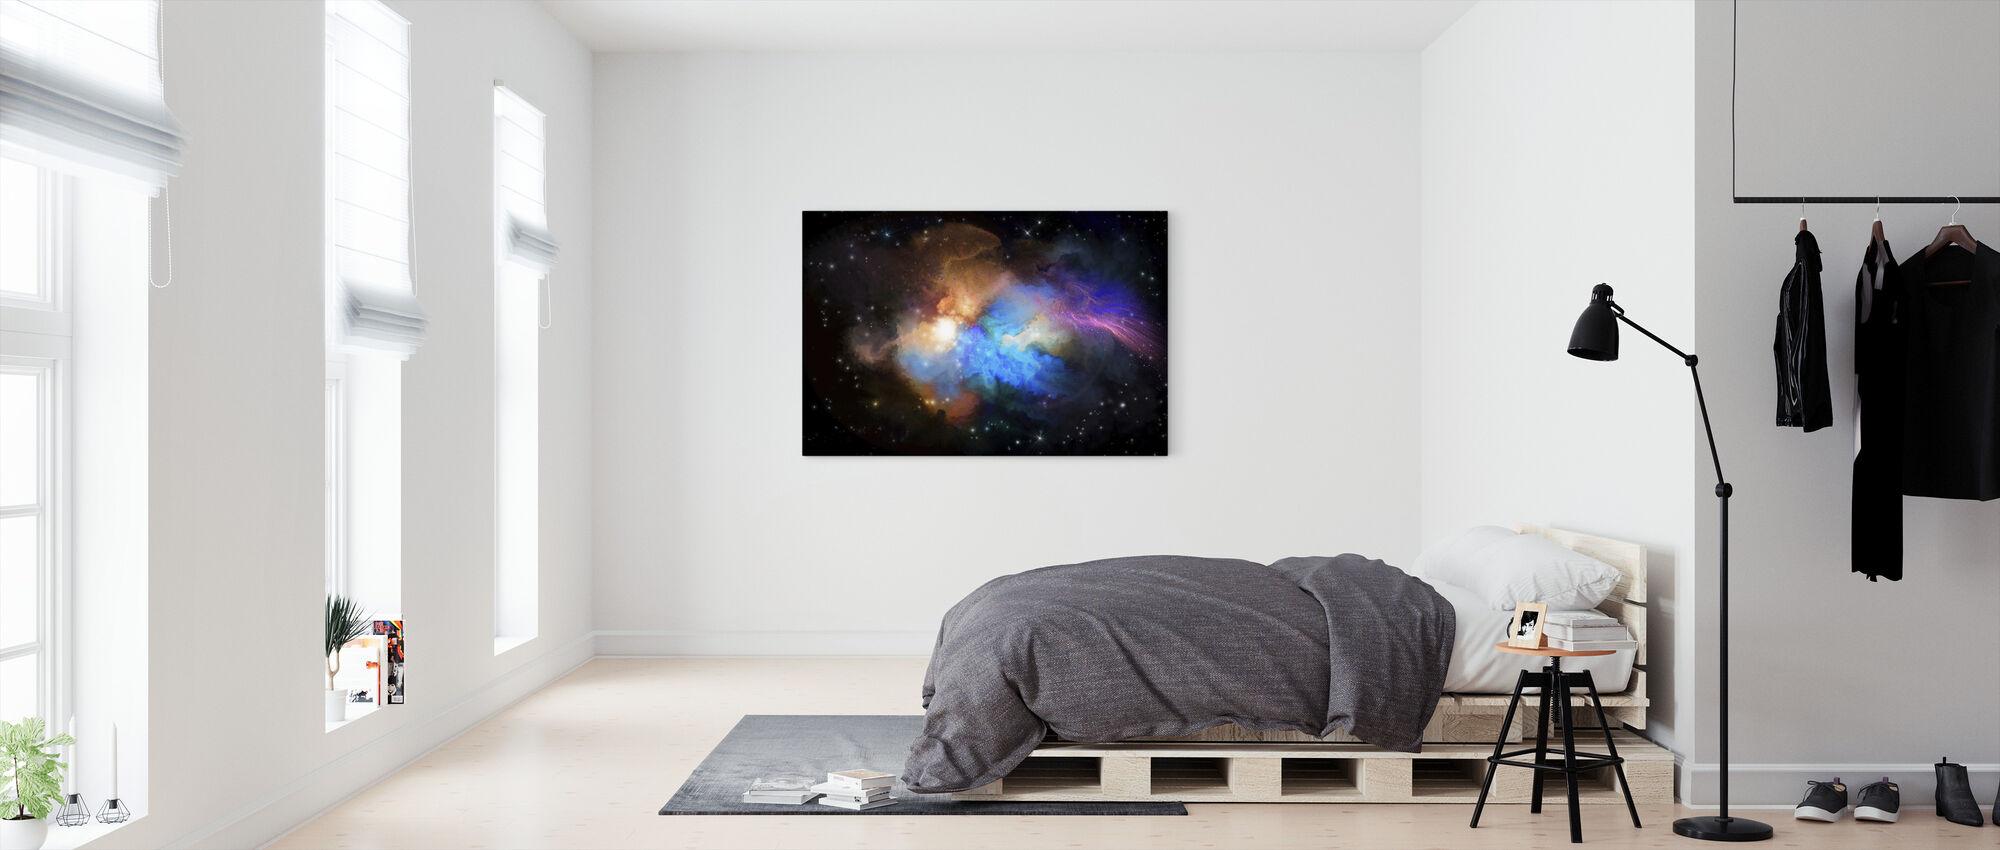 Flerfarvet tåge - Billede på lærred - Soveværelse